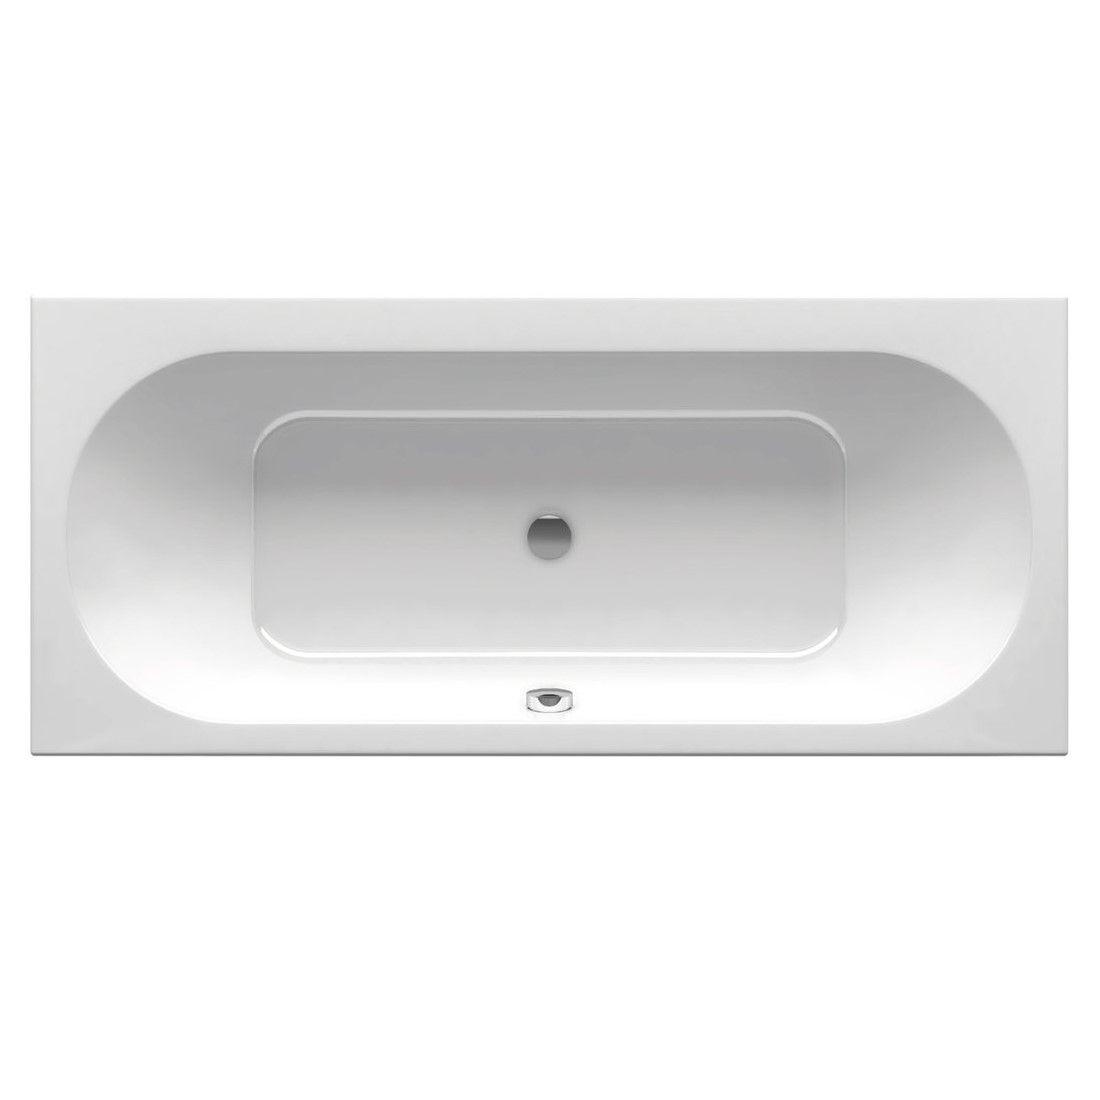 Прямоугольная ванна Ravak City 180x80 ФОТО